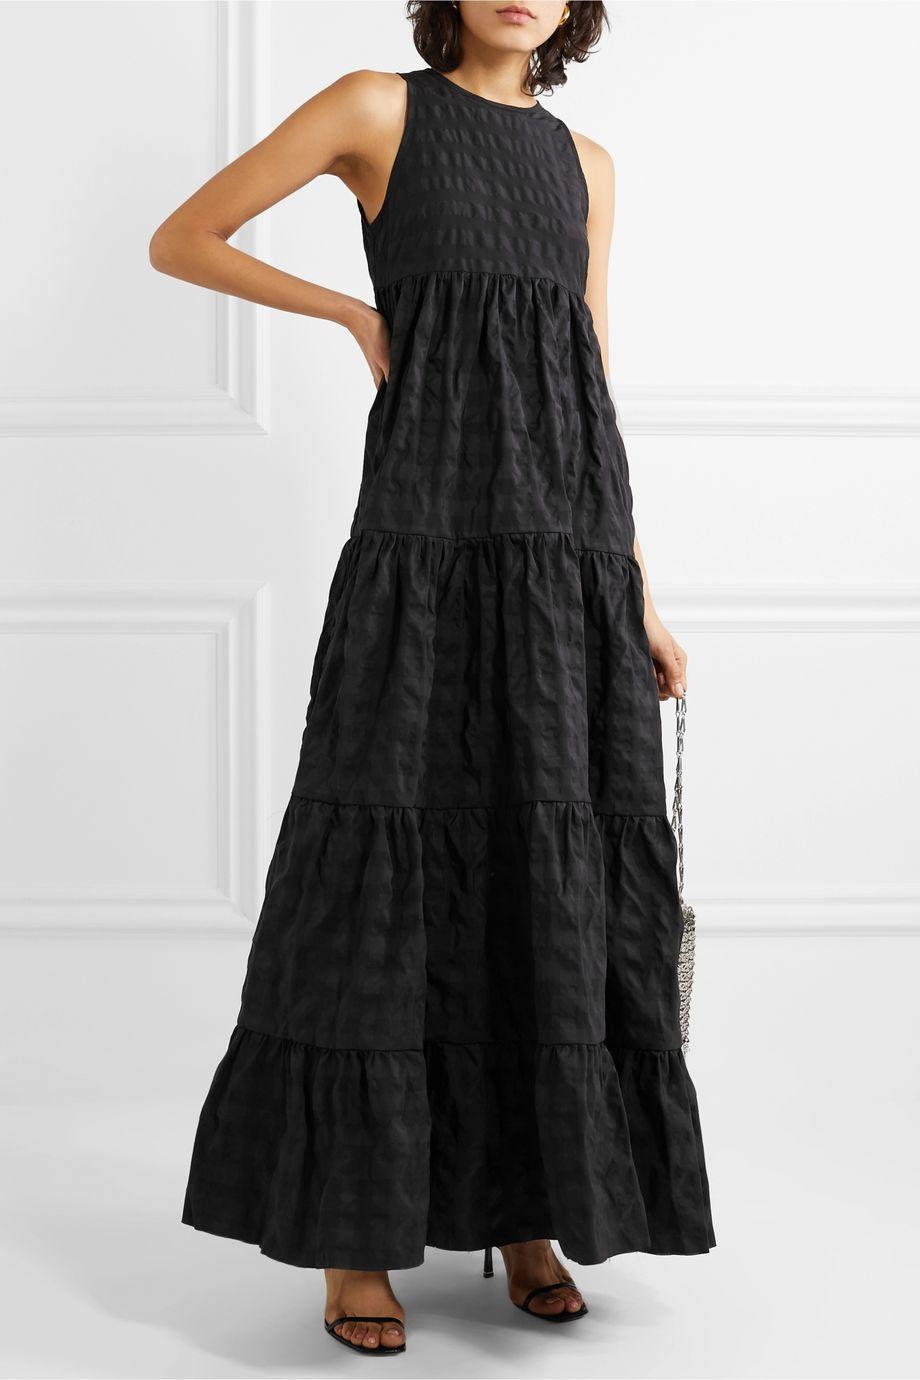 31++ Black tiered maxi dress ideas in 2021